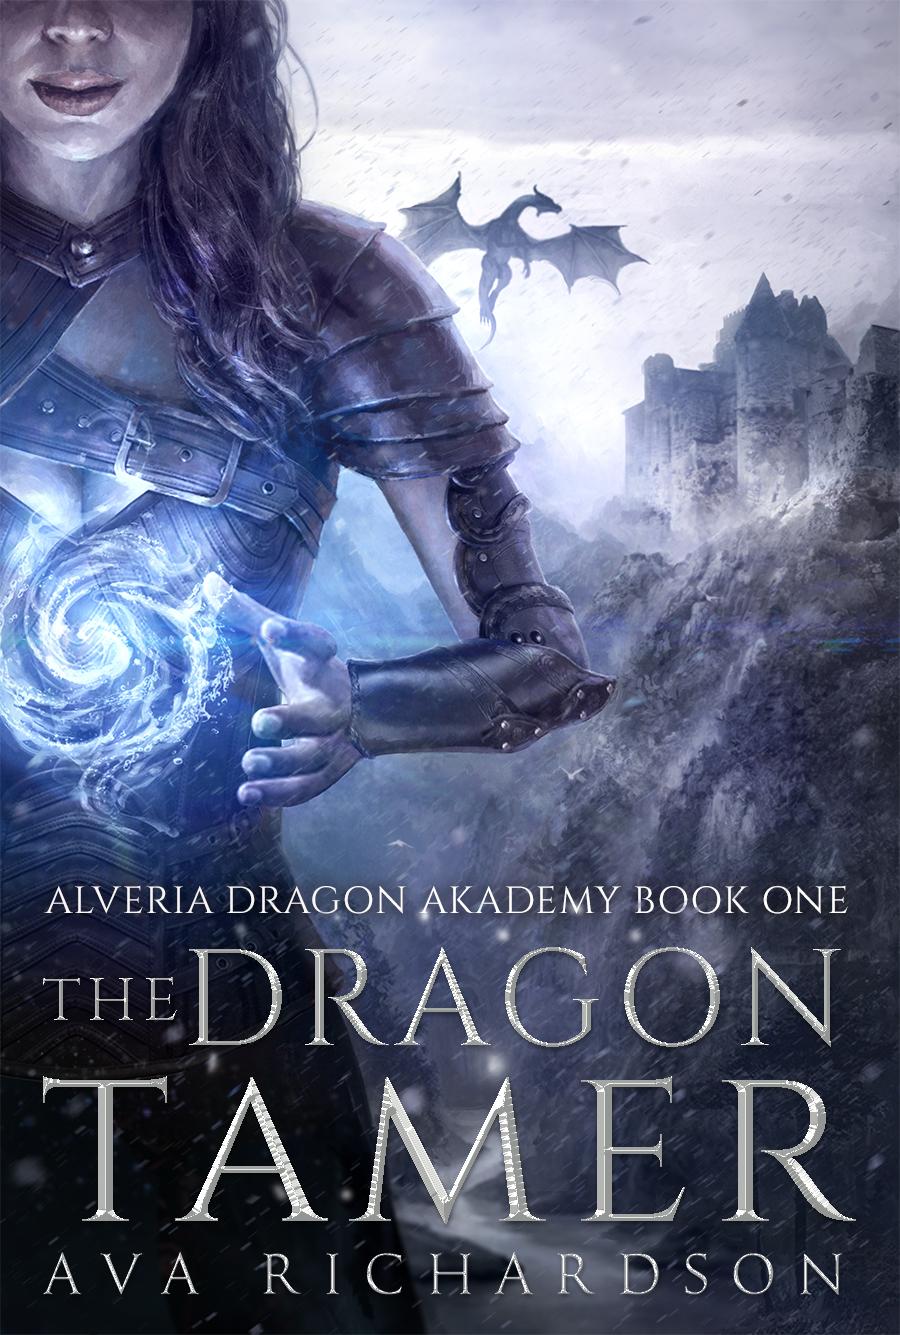 Alveria Dragon Akademy Book 1